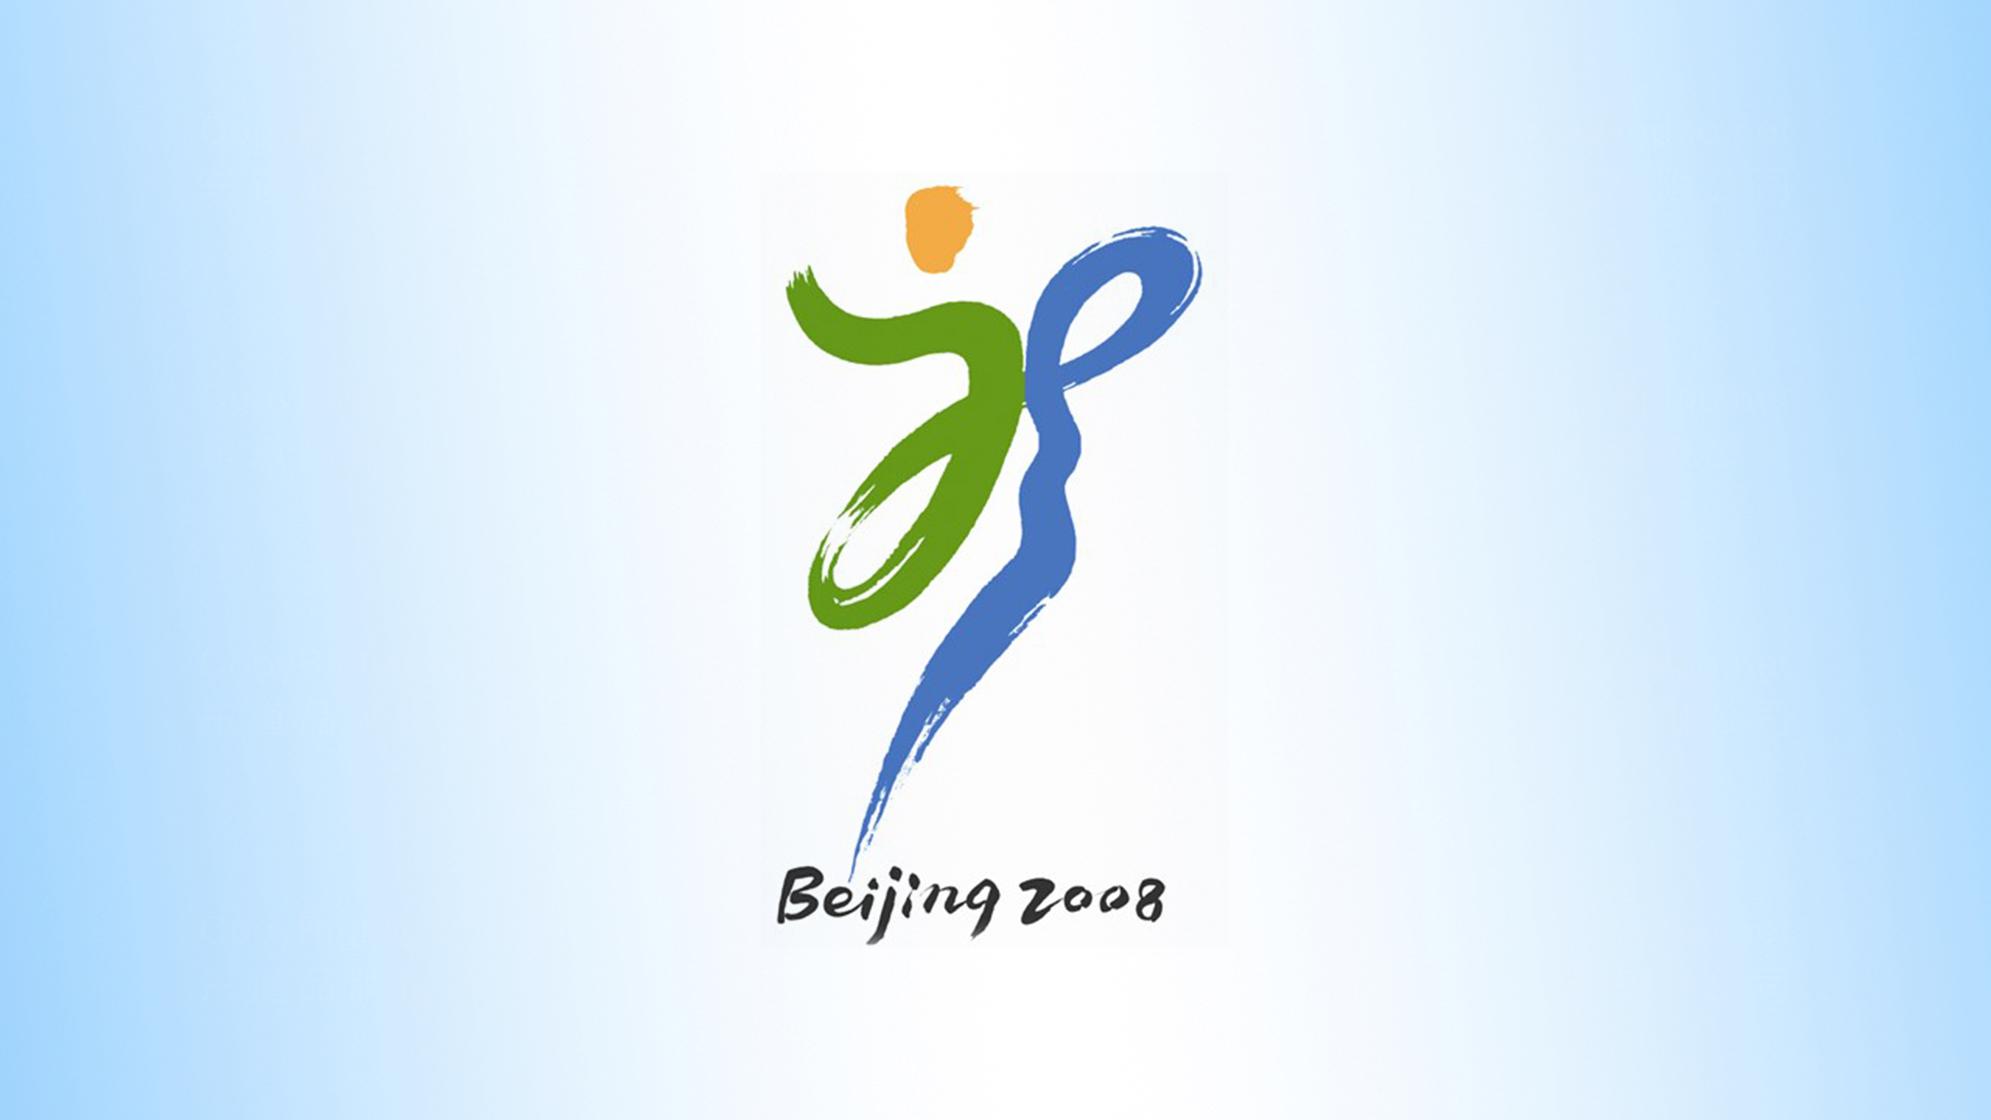 品牌设计案例北京2008奥运会会徽LOGO设计